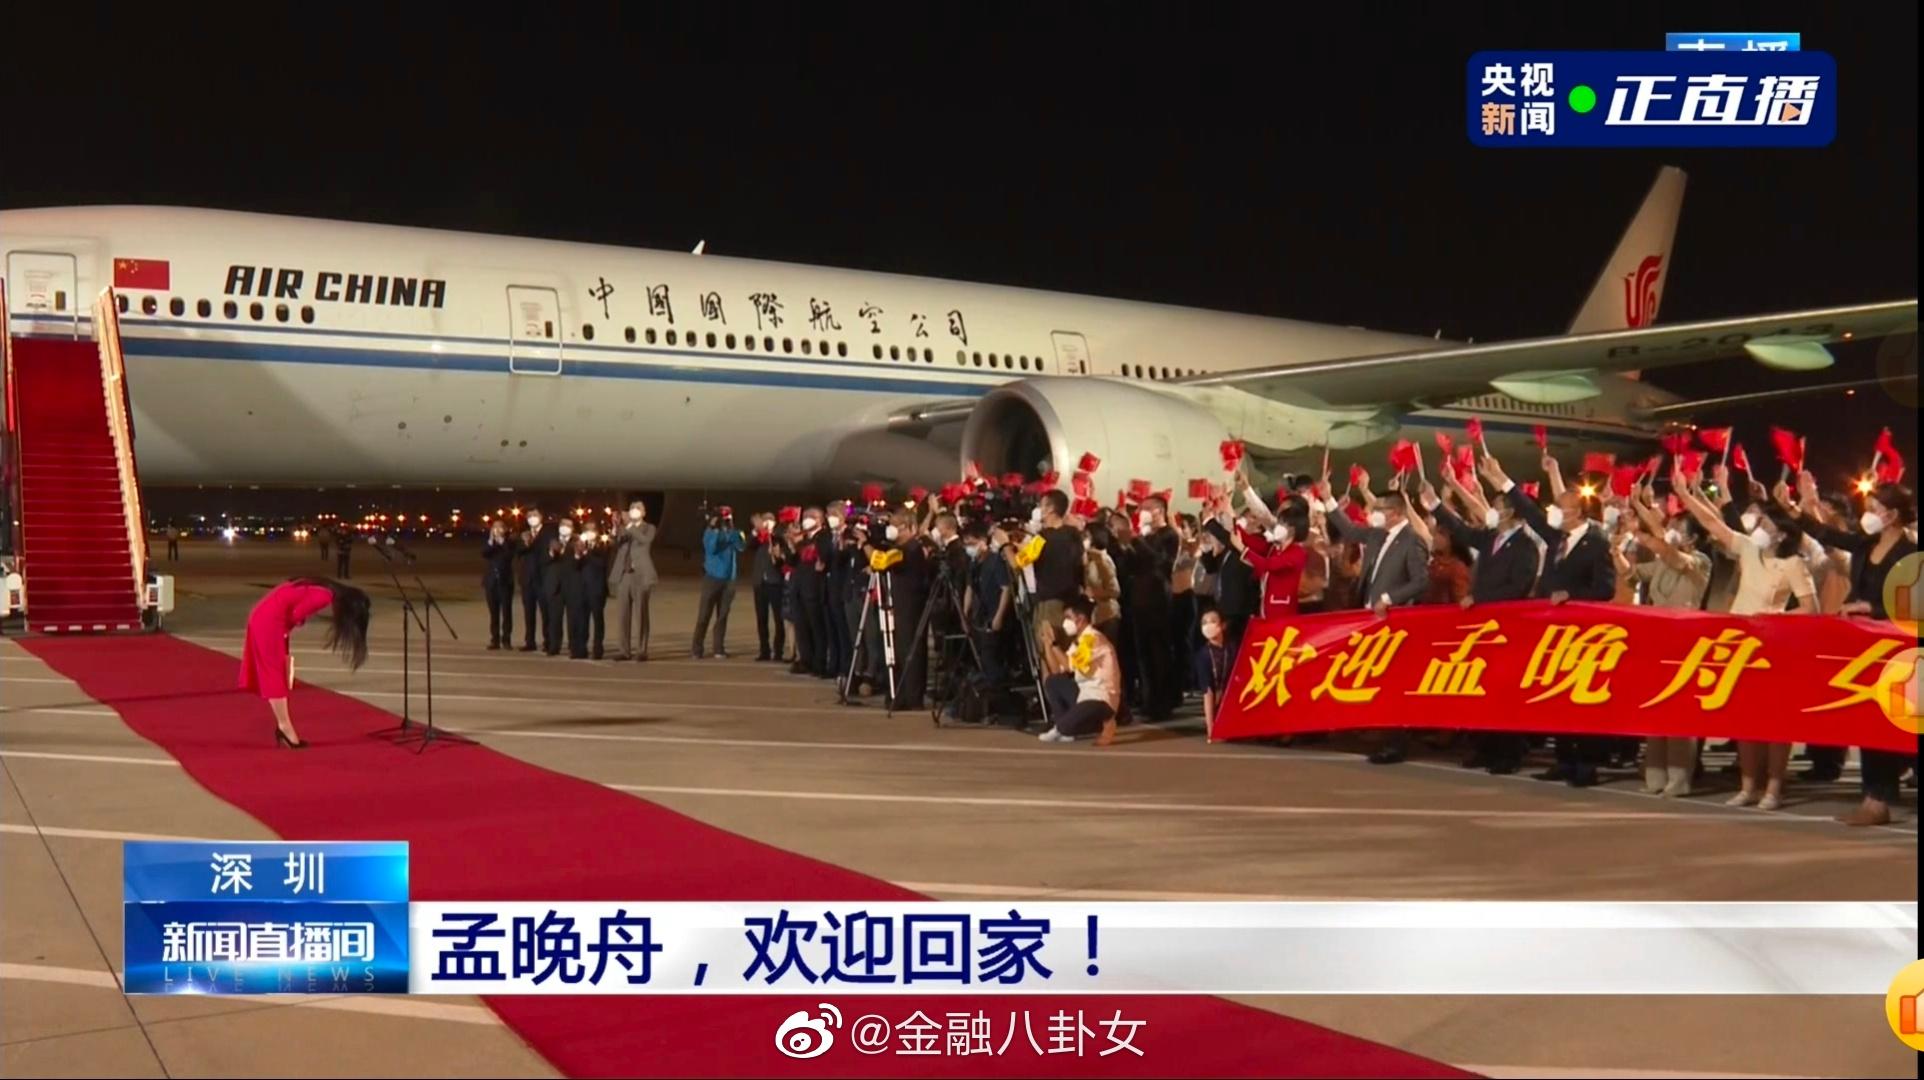 'Công chúa Huawei' trở về Trung Quốc như người hùng: Người dân hát đồng ca, thắp sáng cả tòa nhà cao nhất Thâm Quyến để chào đón - Ảnh 2.